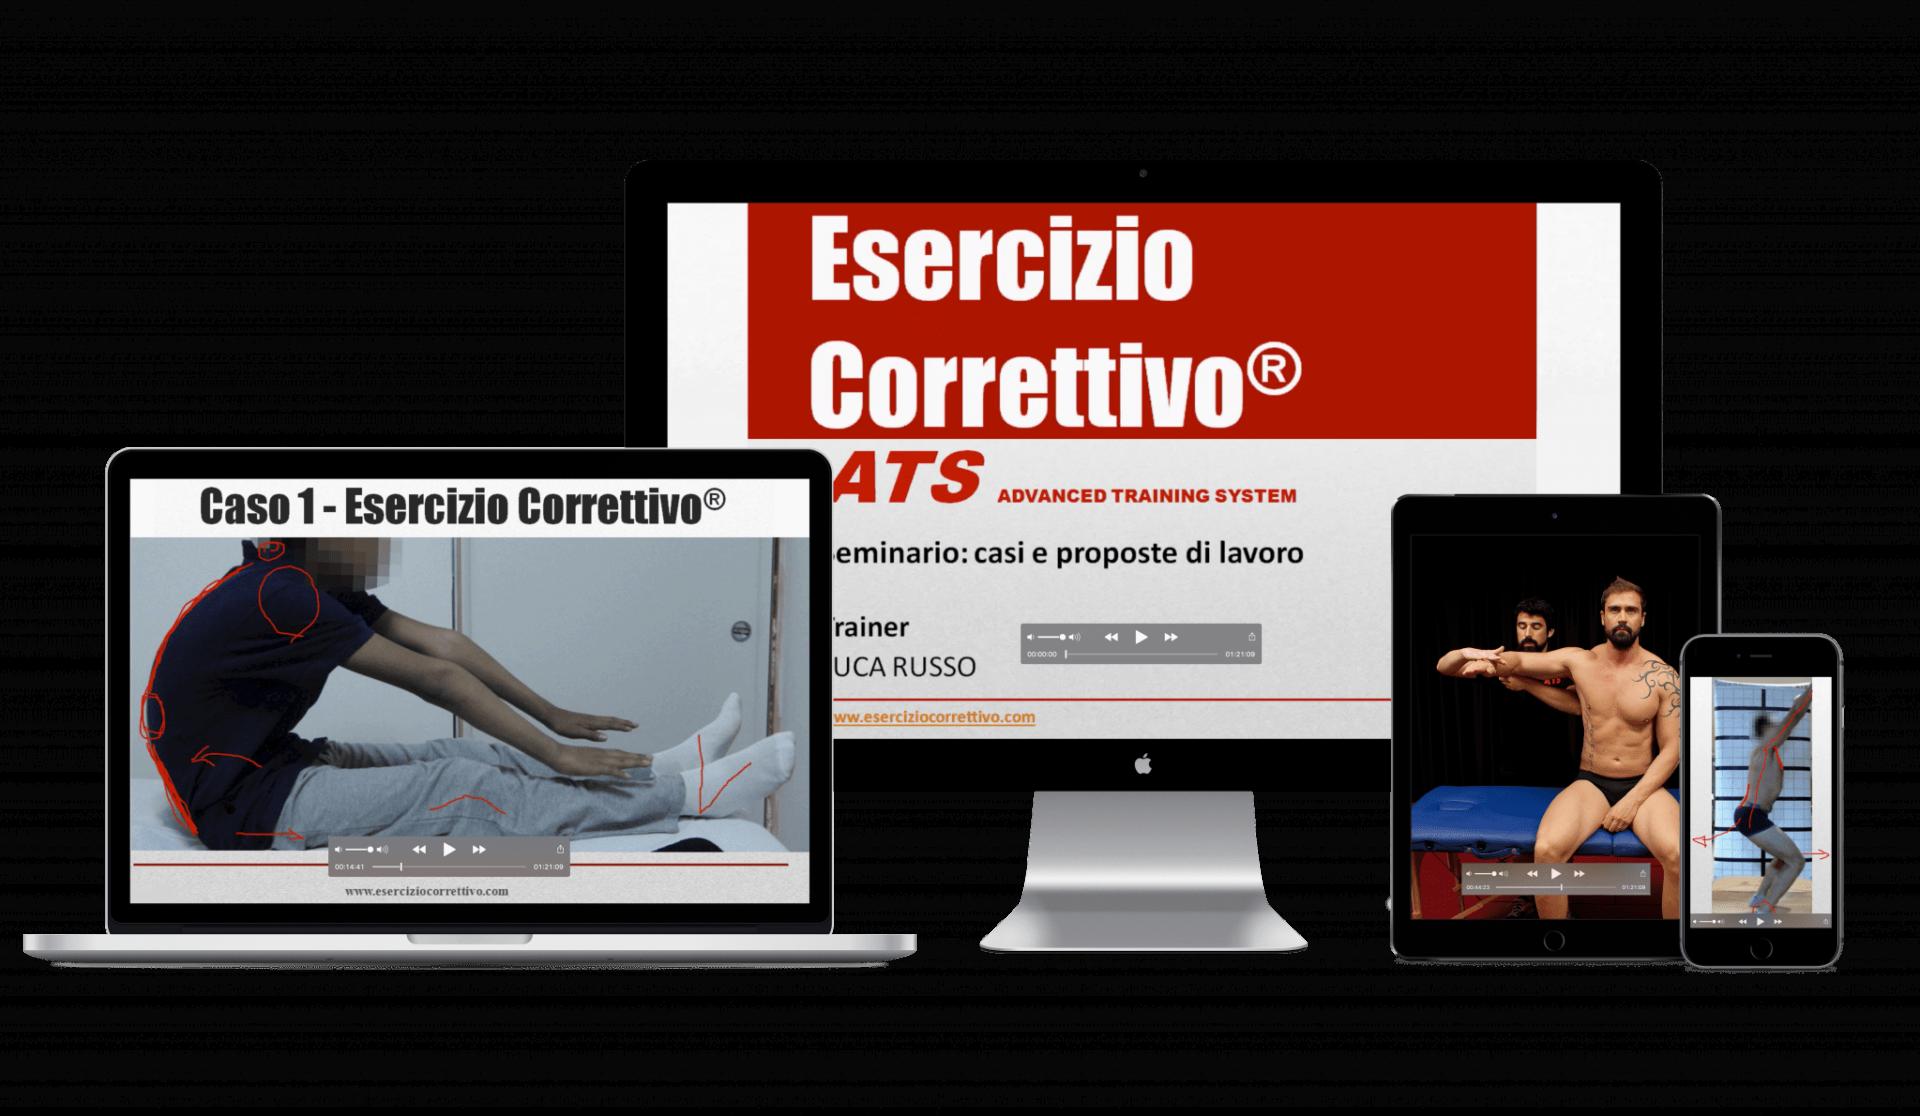 Videocorso-Esercizio-Correttivo-ats